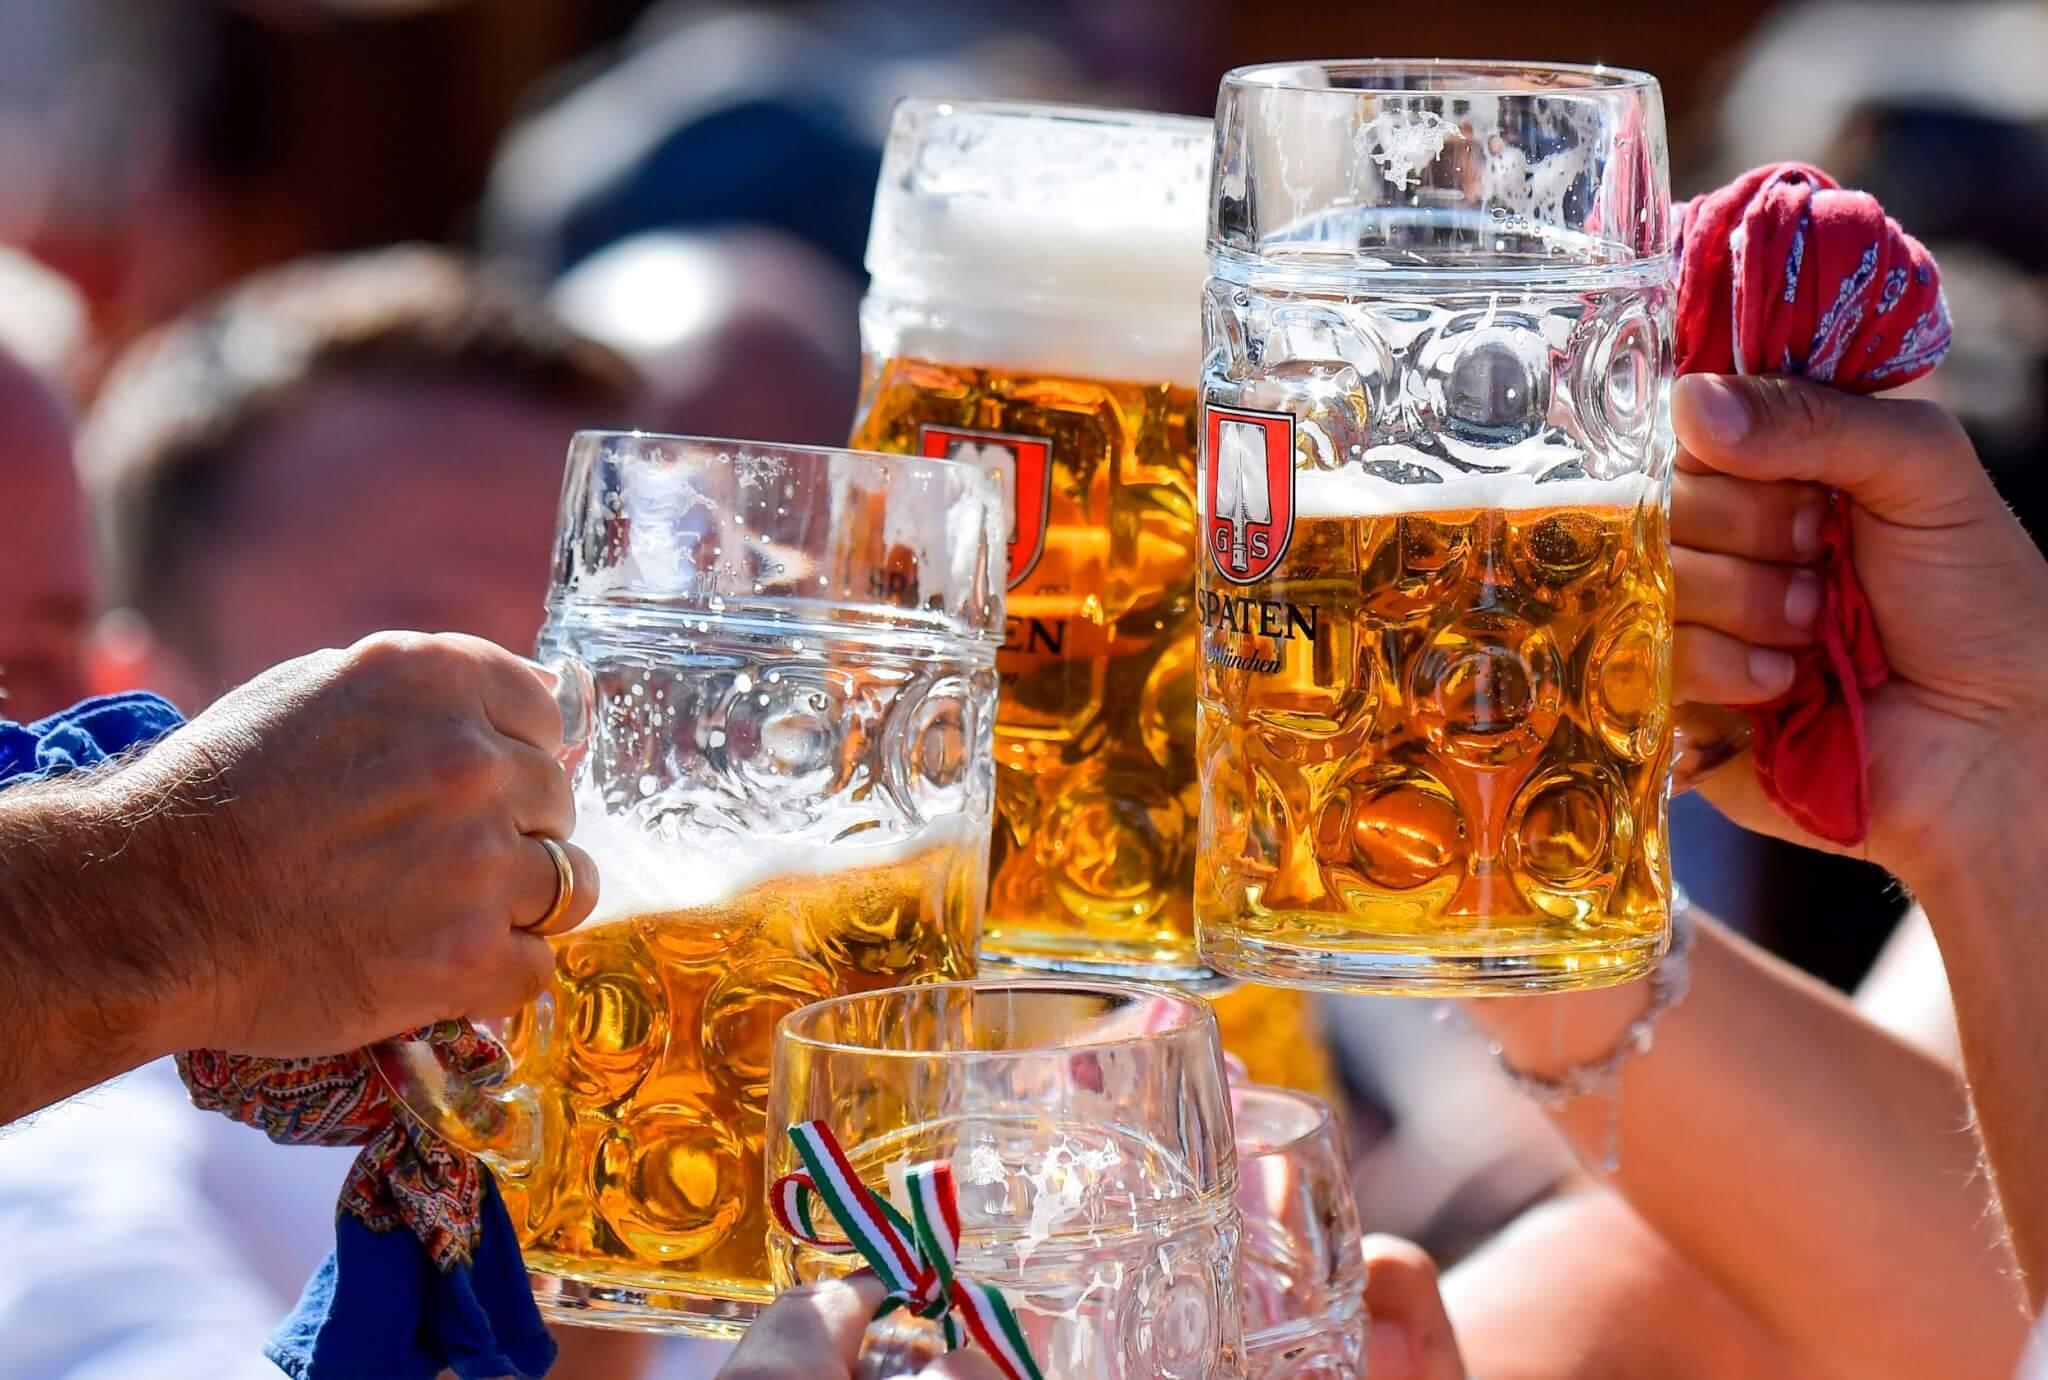 картинки пива германии процесс удавалось совмещать